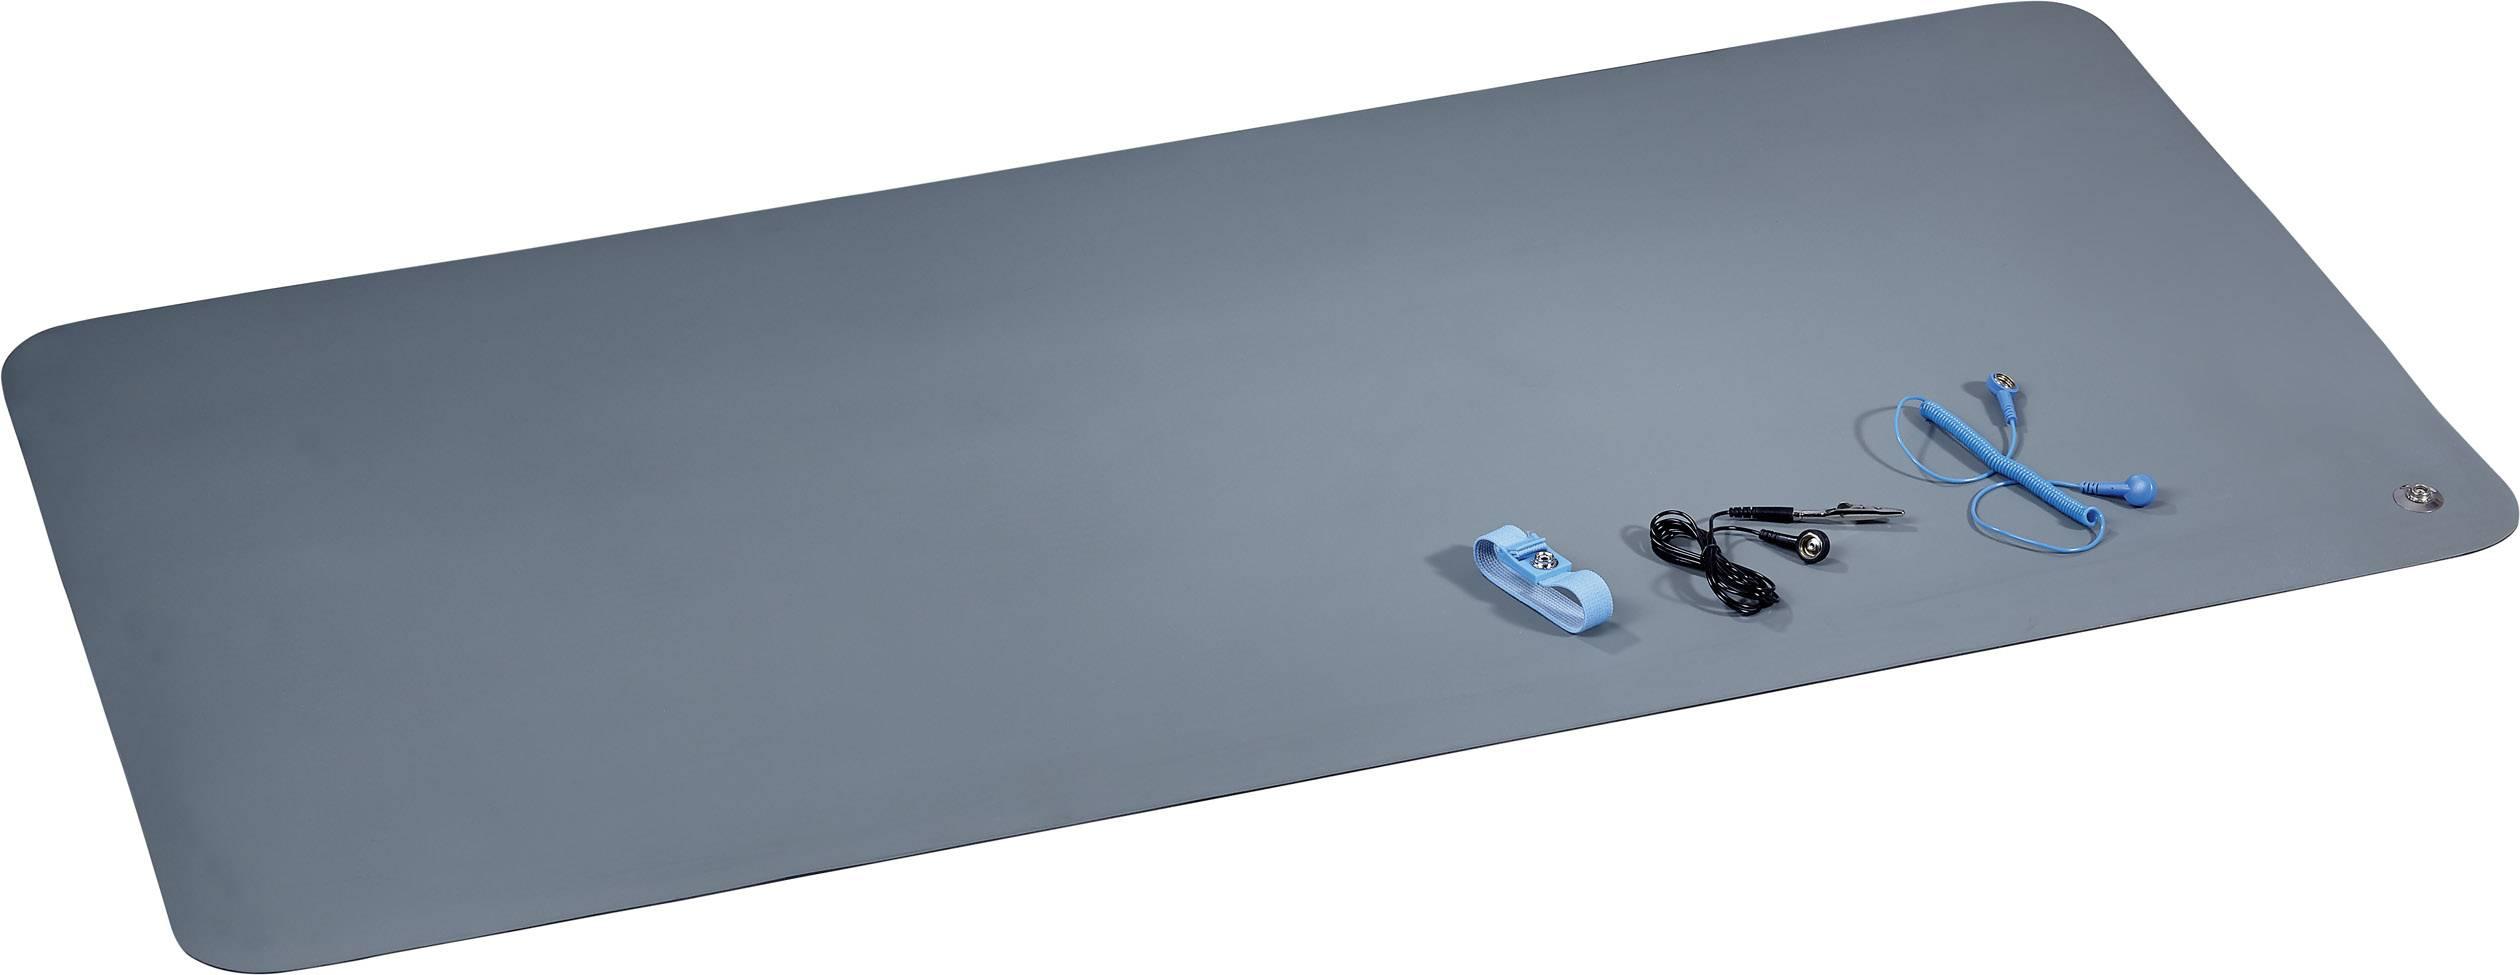 Sada ESD podložky na stůl TRU COMPONENTS 1570452, (d x š x v) 1190 x 590 x 2 mm, šedá